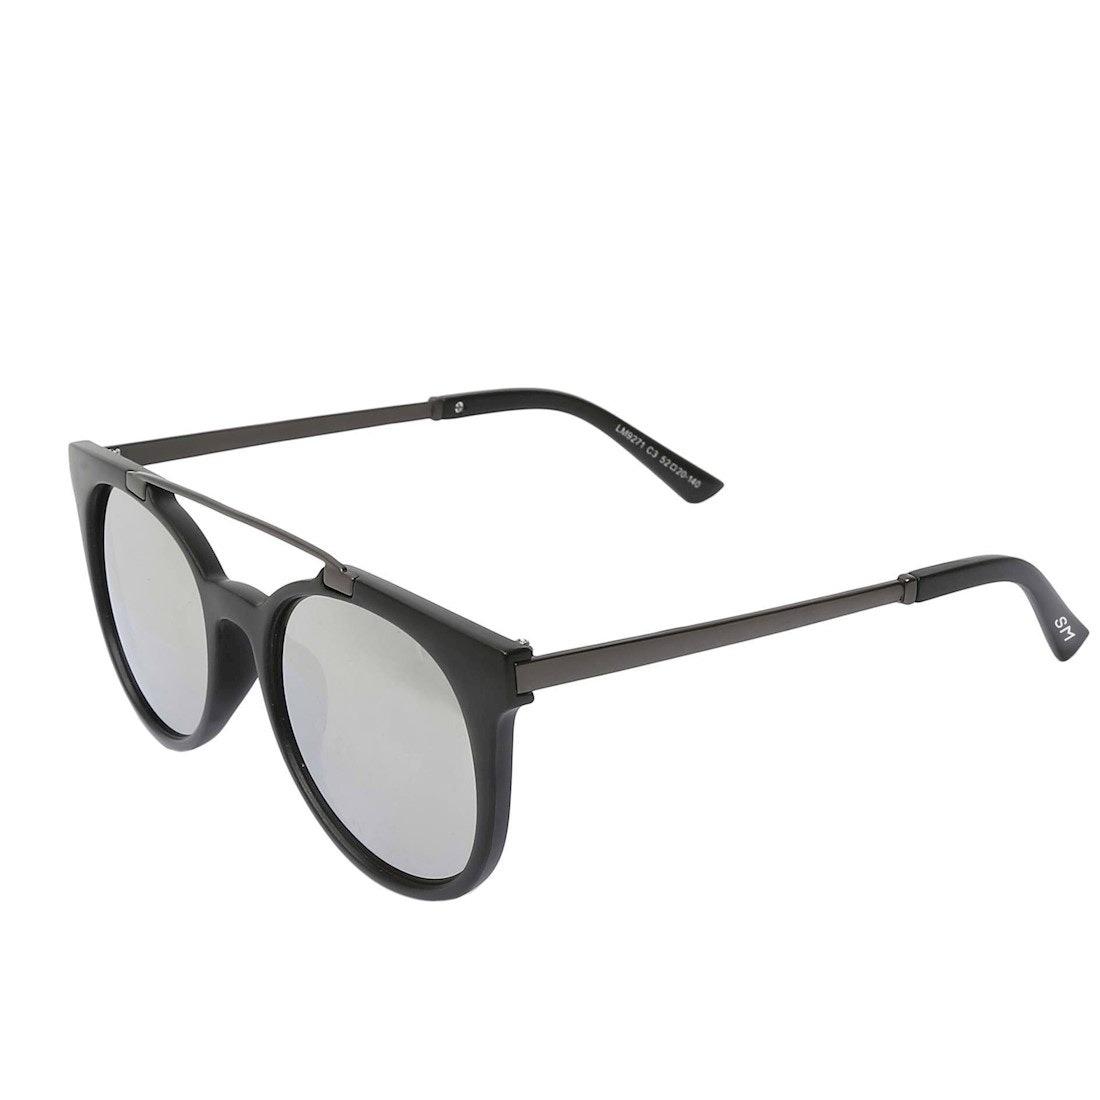 04f2b49ca67eb Óculos De Sol Masculino Sandro Moscoloni Joly Preto - R  157